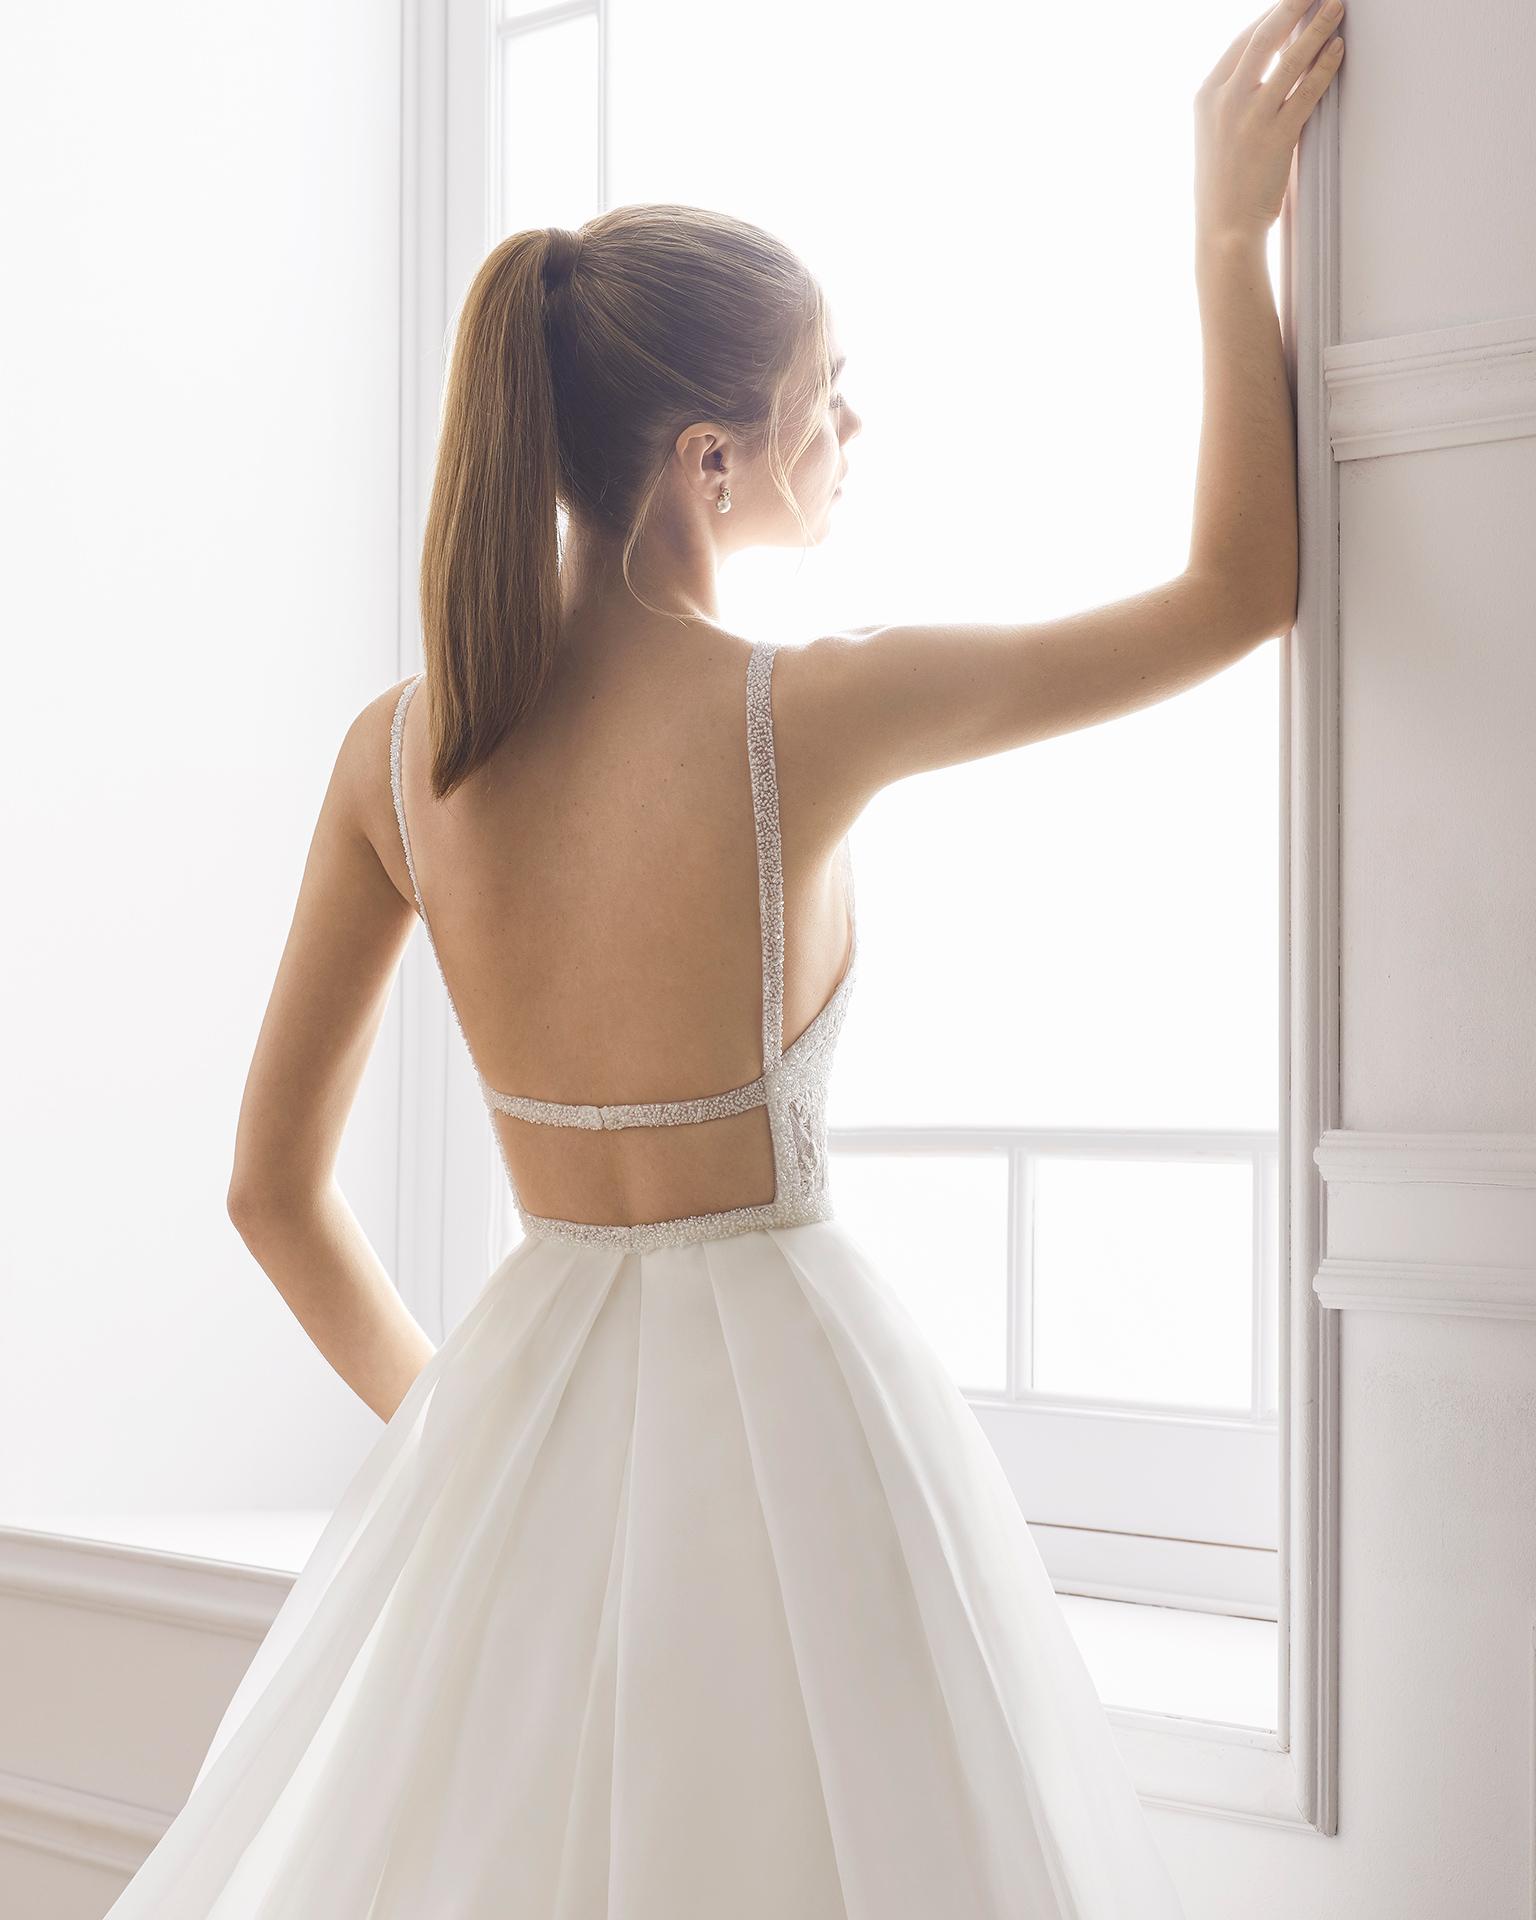 Vestido de novia estilo línea A en organza y encaje pedrería. Escote en V y espalda descubierta. Disponible en color natural. Colección AIRE BARCELONA 2019.